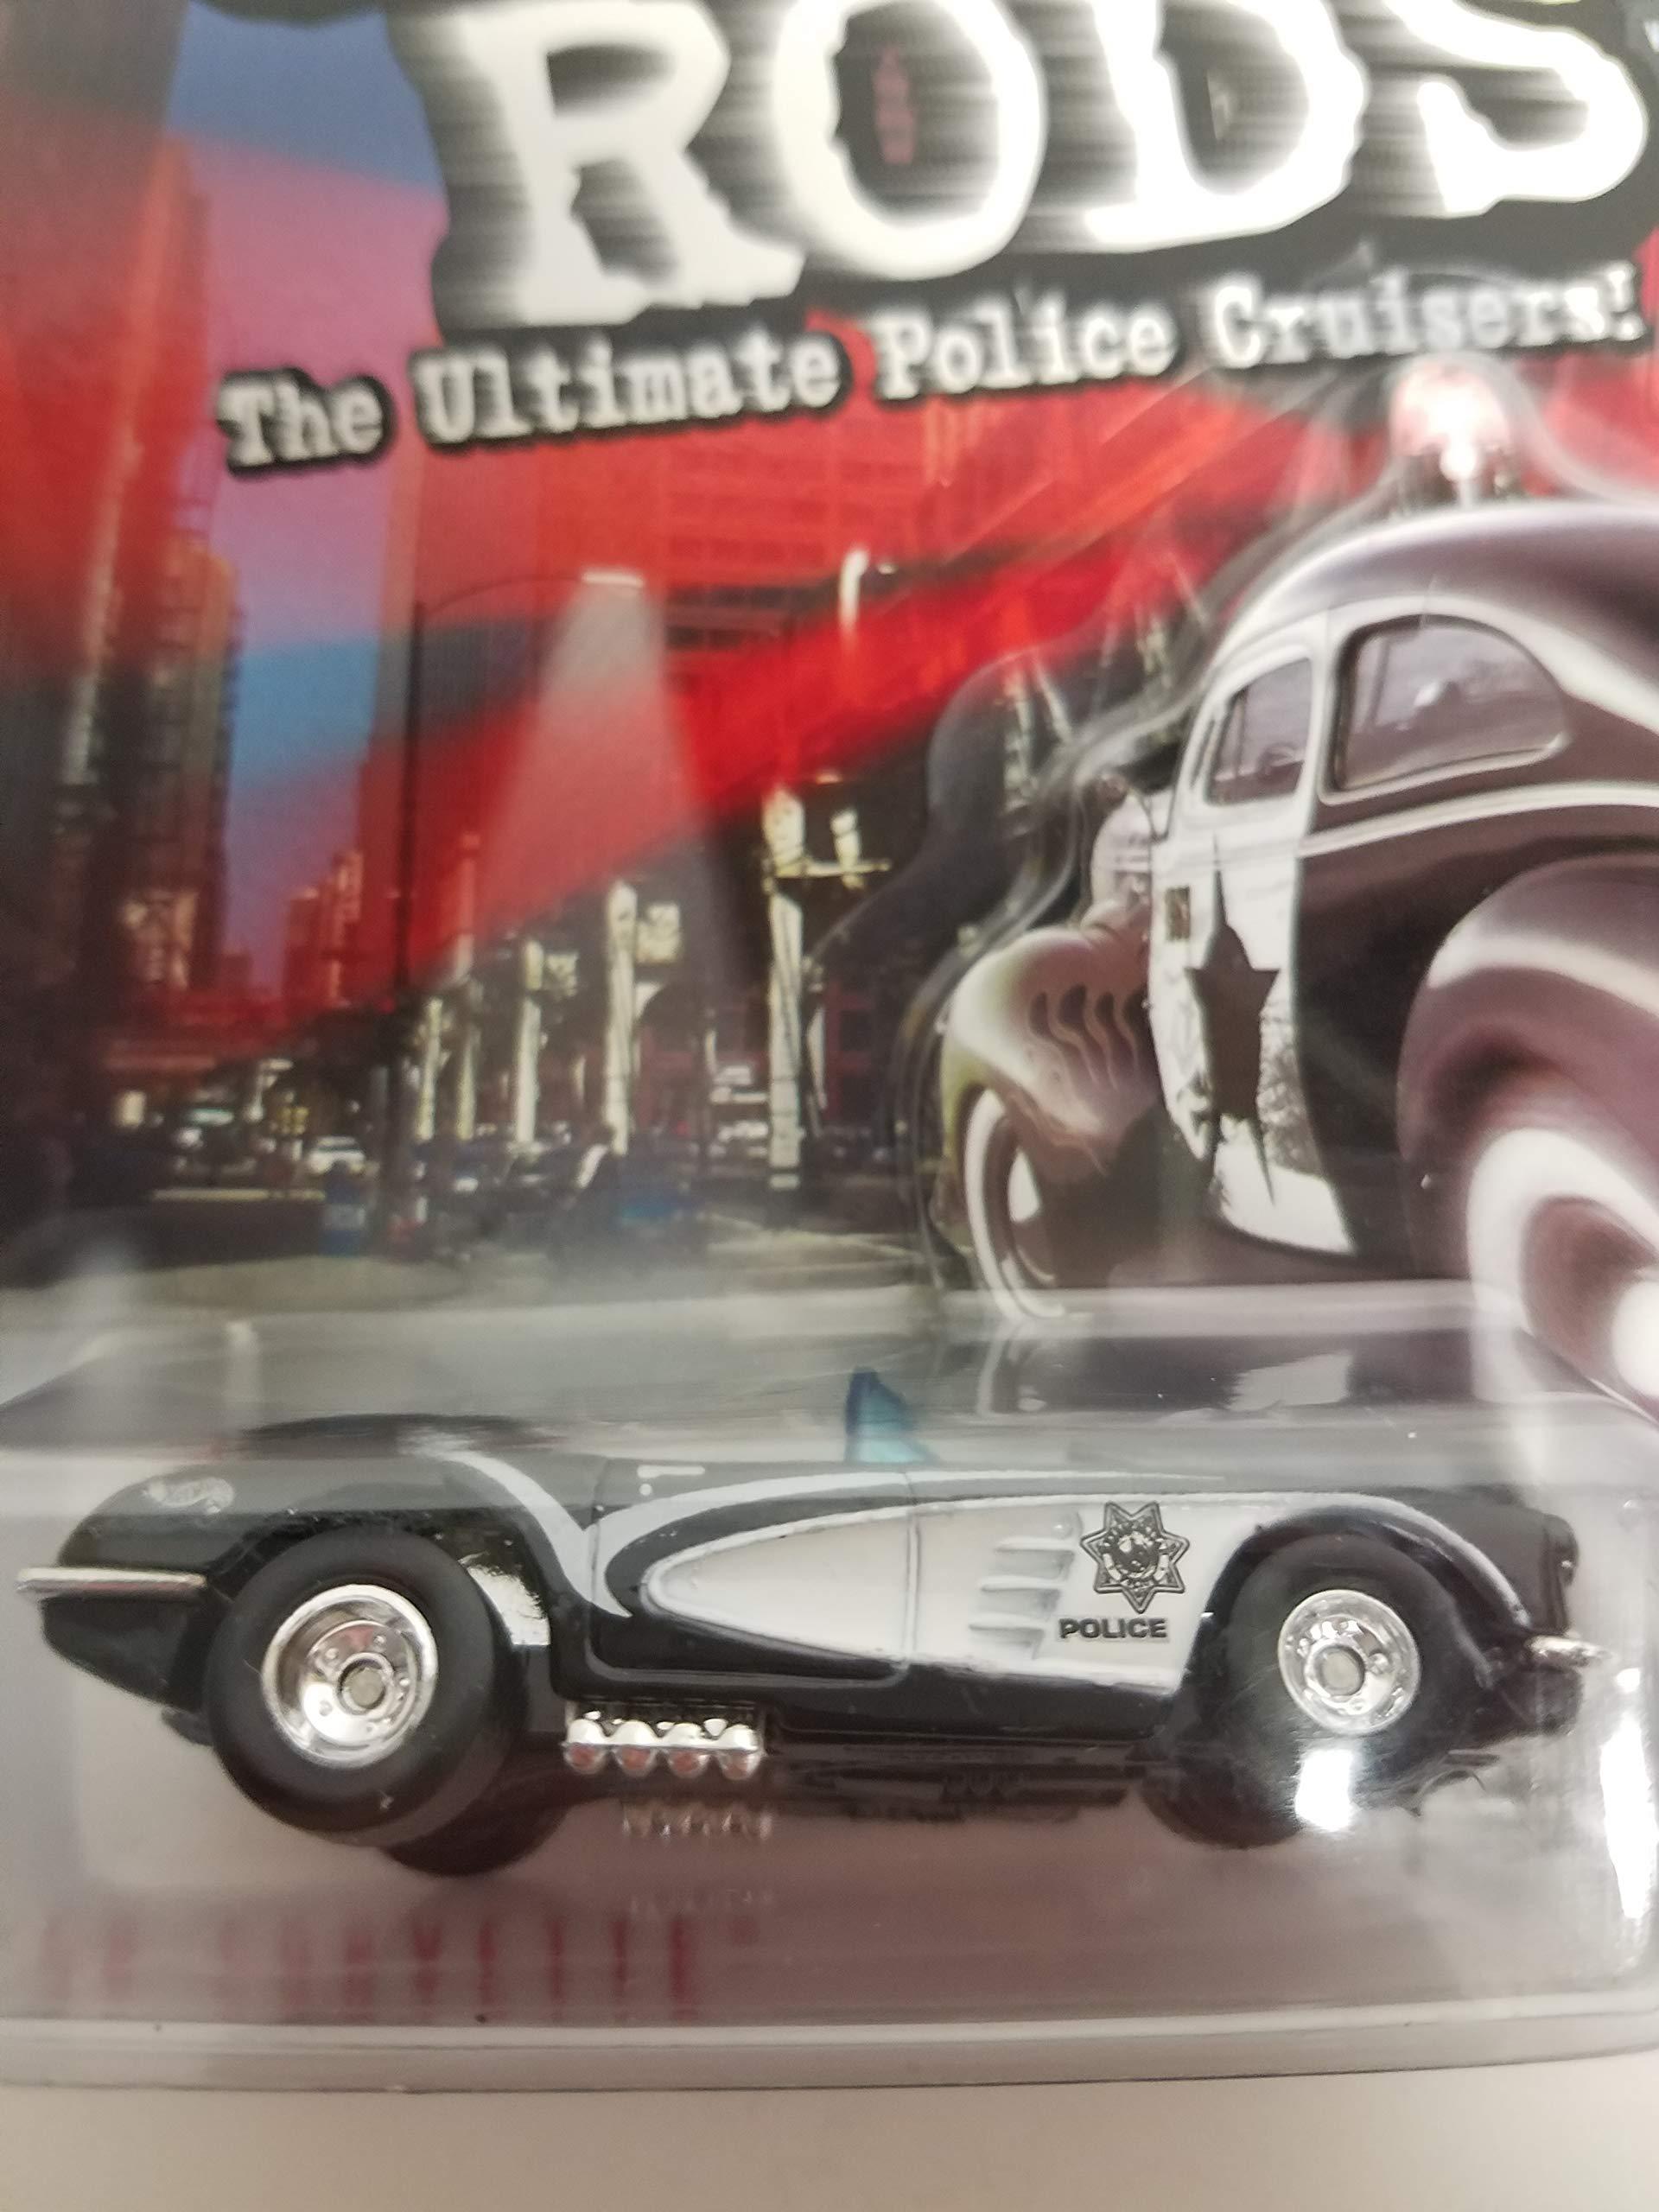 '58 Corvette 1999 Hot Wheels Cop Rods Las Vegas, NV Police Department PD